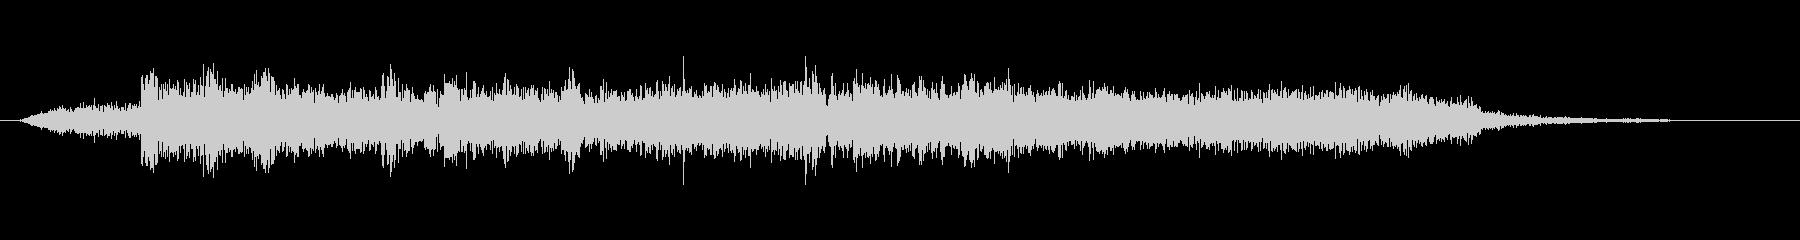 高音質♪ロックアップジングルの未再生の波形